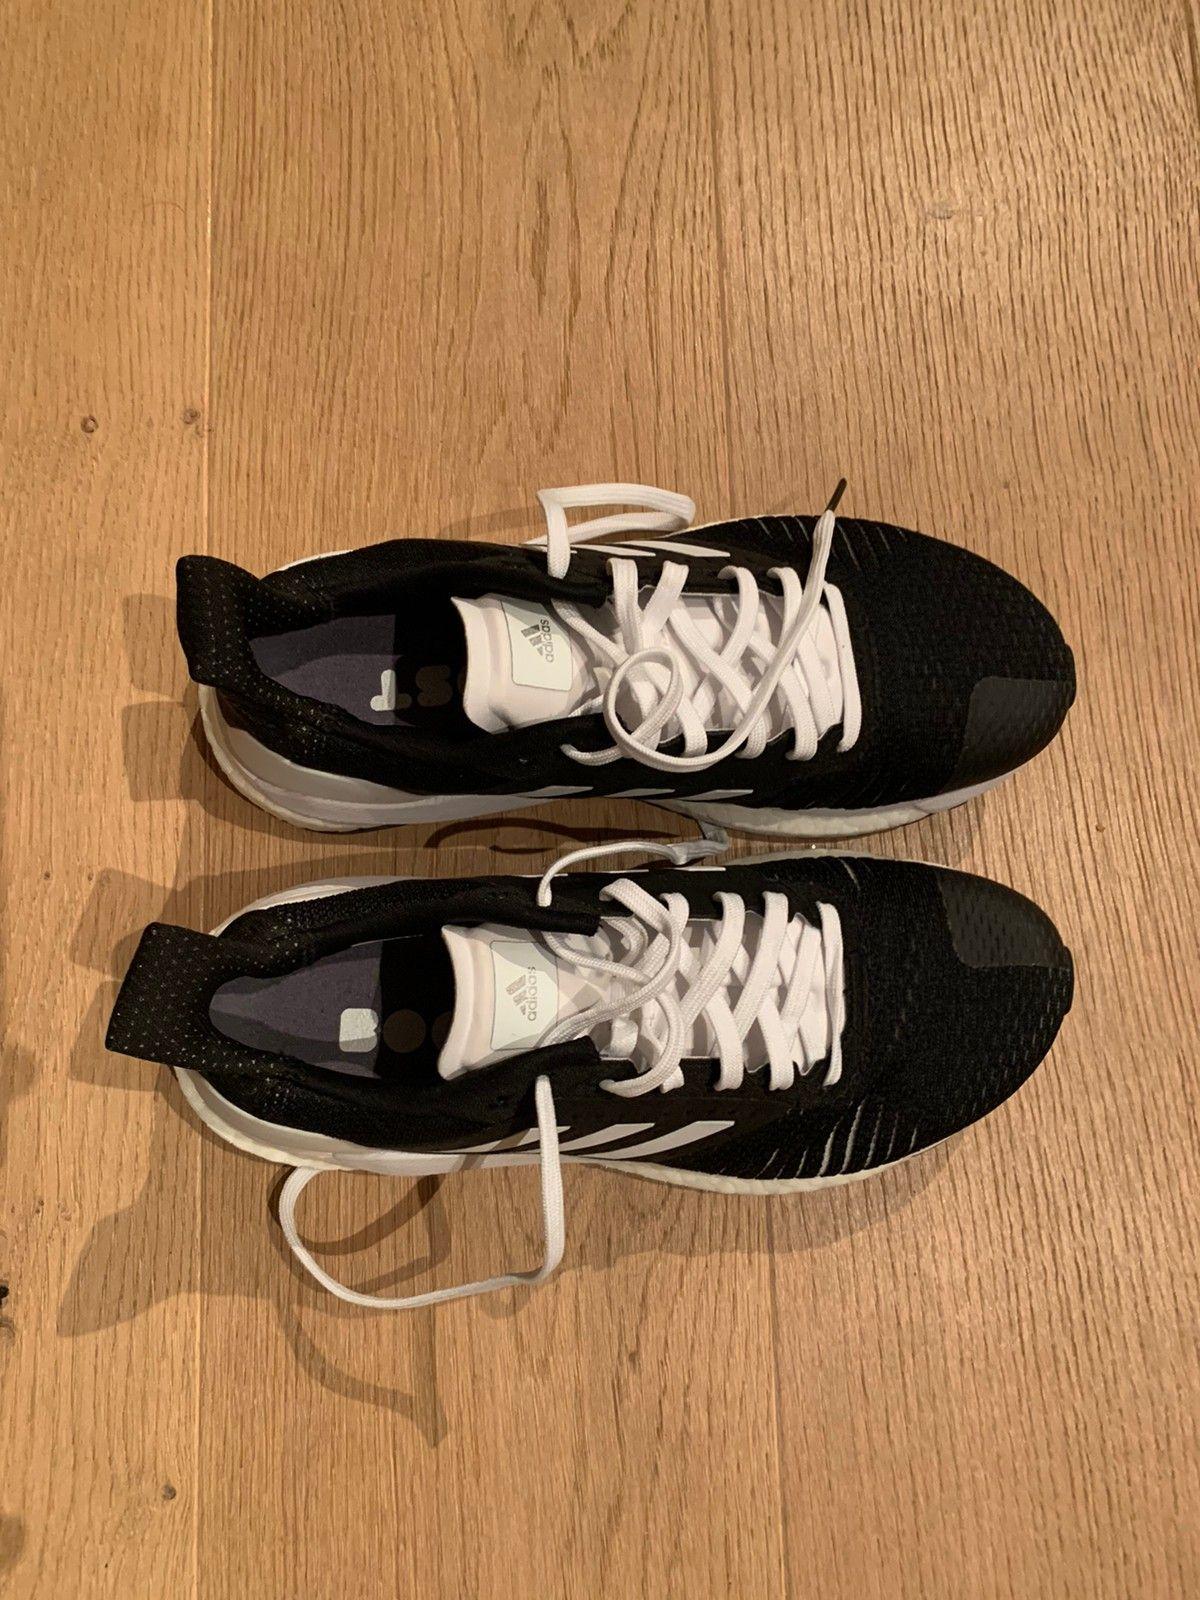 Adidas joggesko solar glide ST, str 38 23 | FINN.no